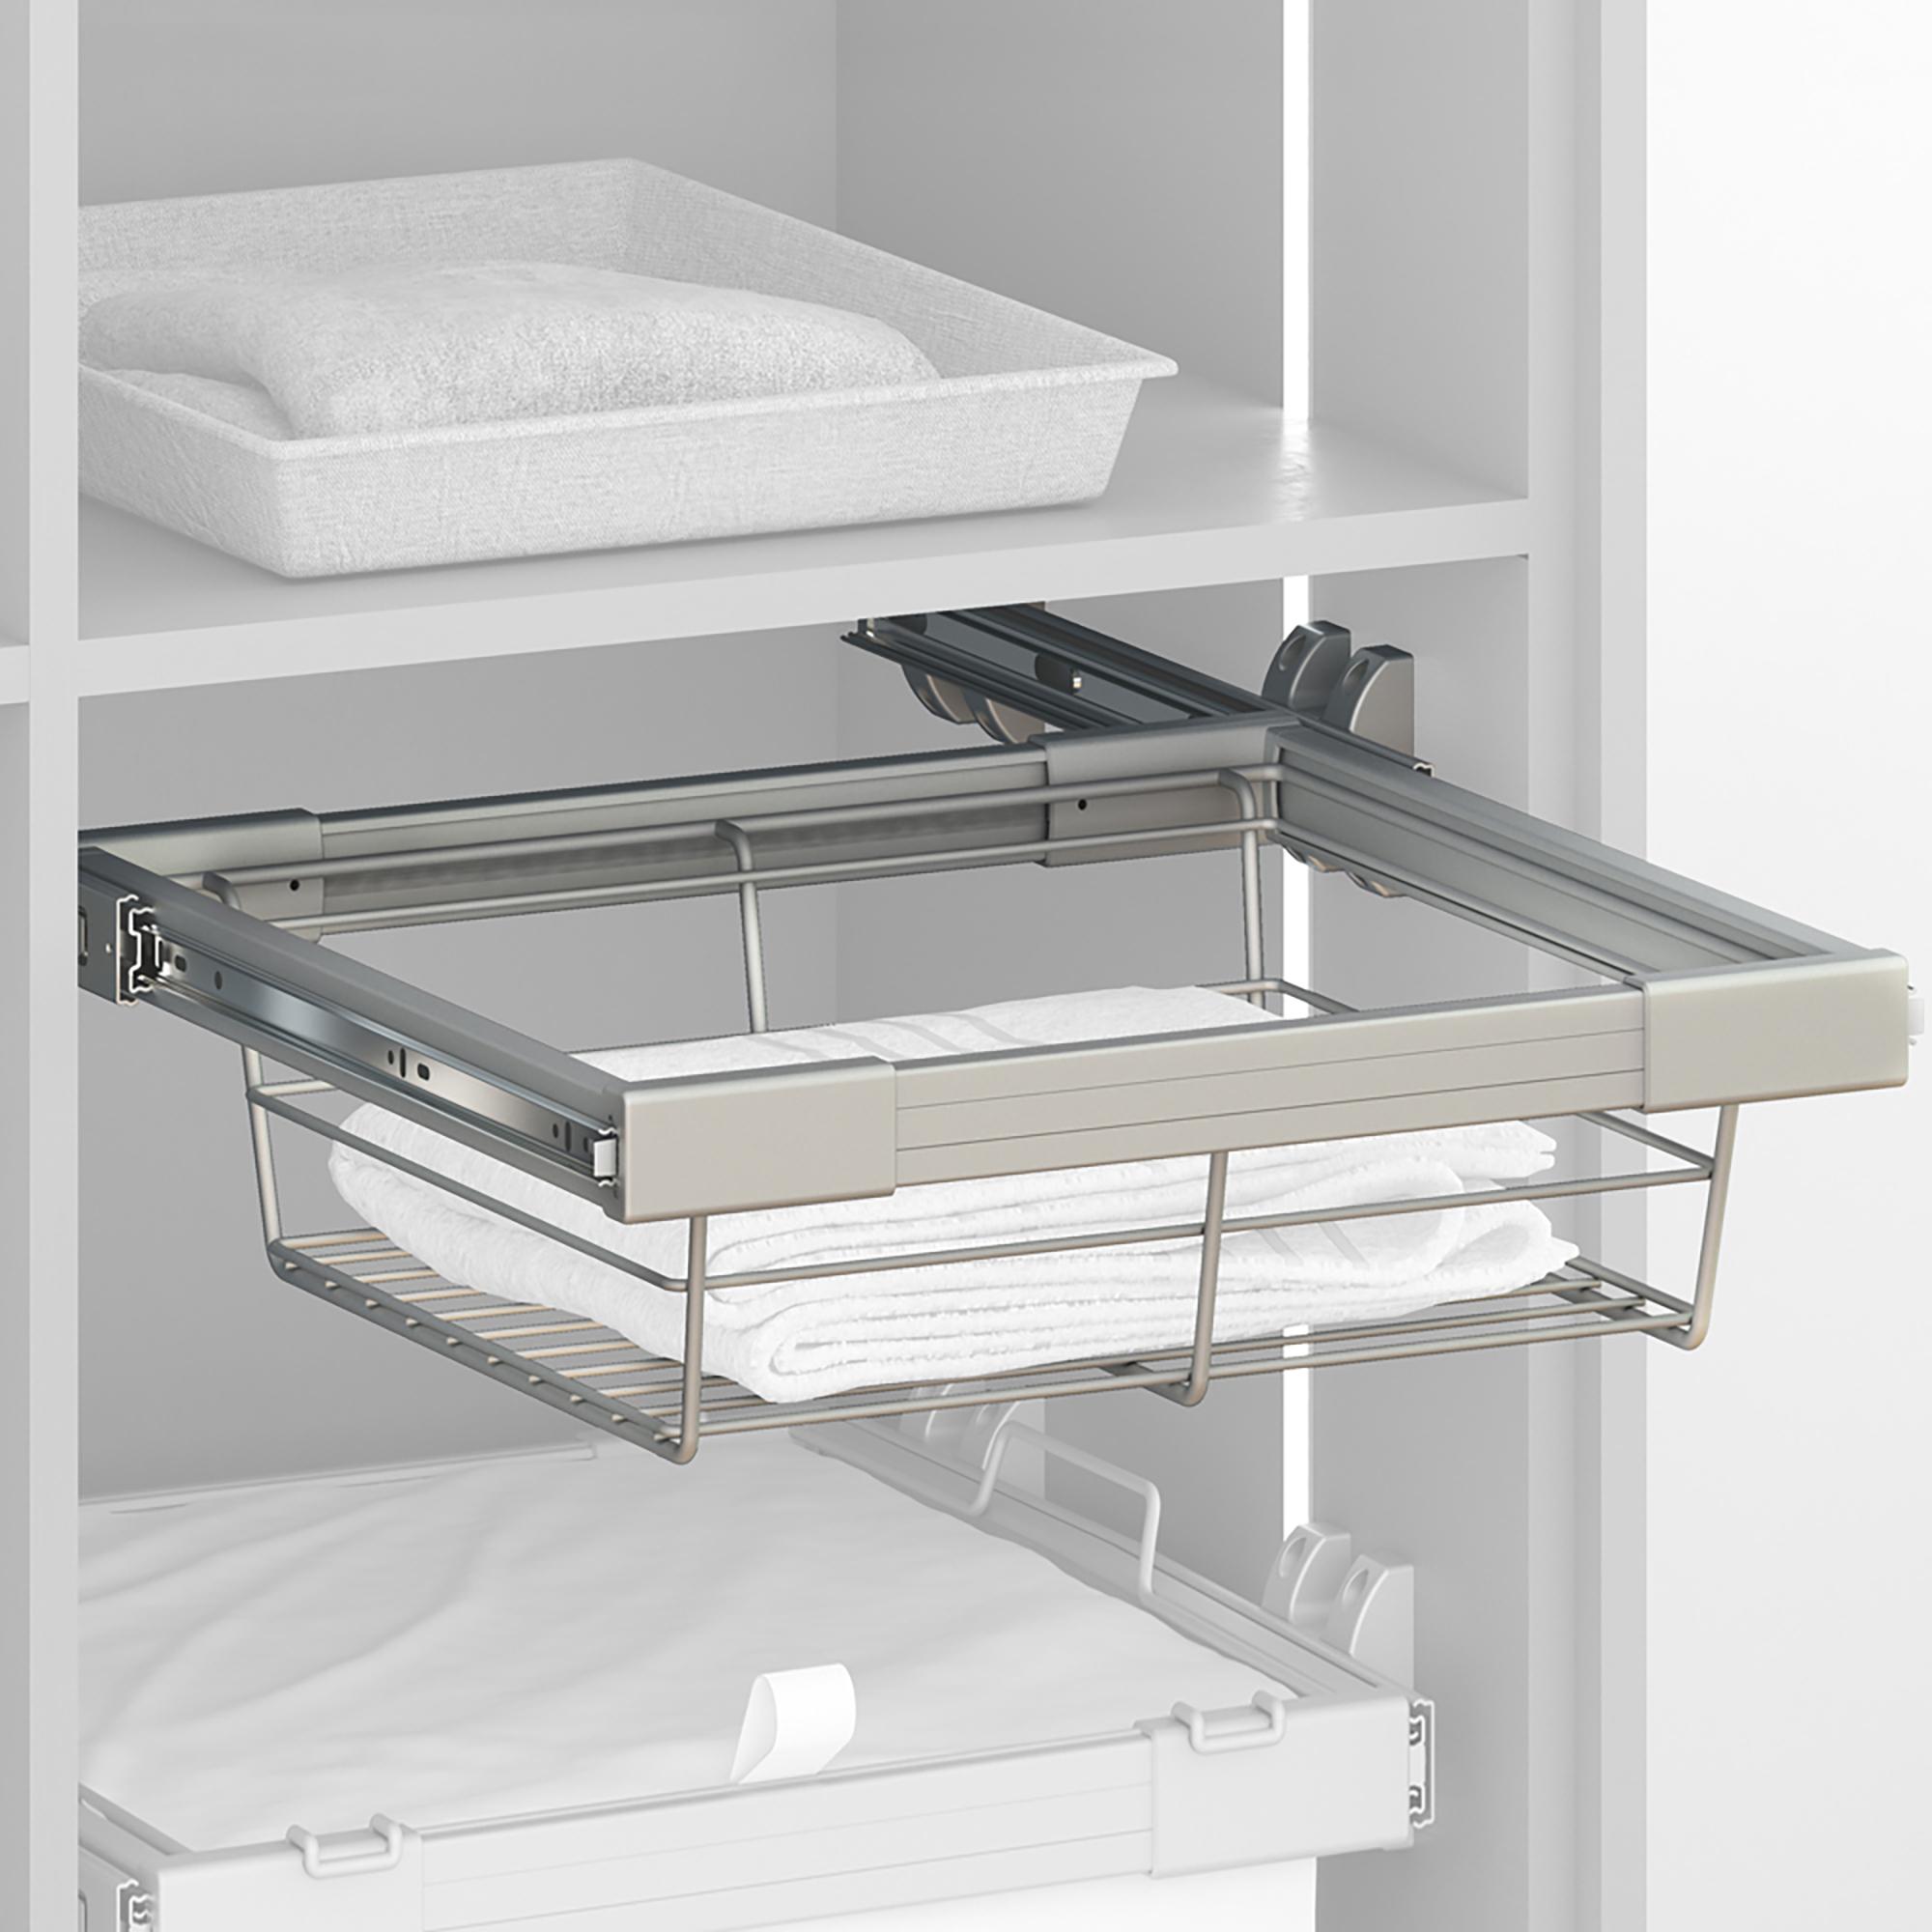 Emuca Kit Cassetto metallico con guide, regolabile, modulo di 800 mm, Acciaio e alluminio, Grigio metallizzato